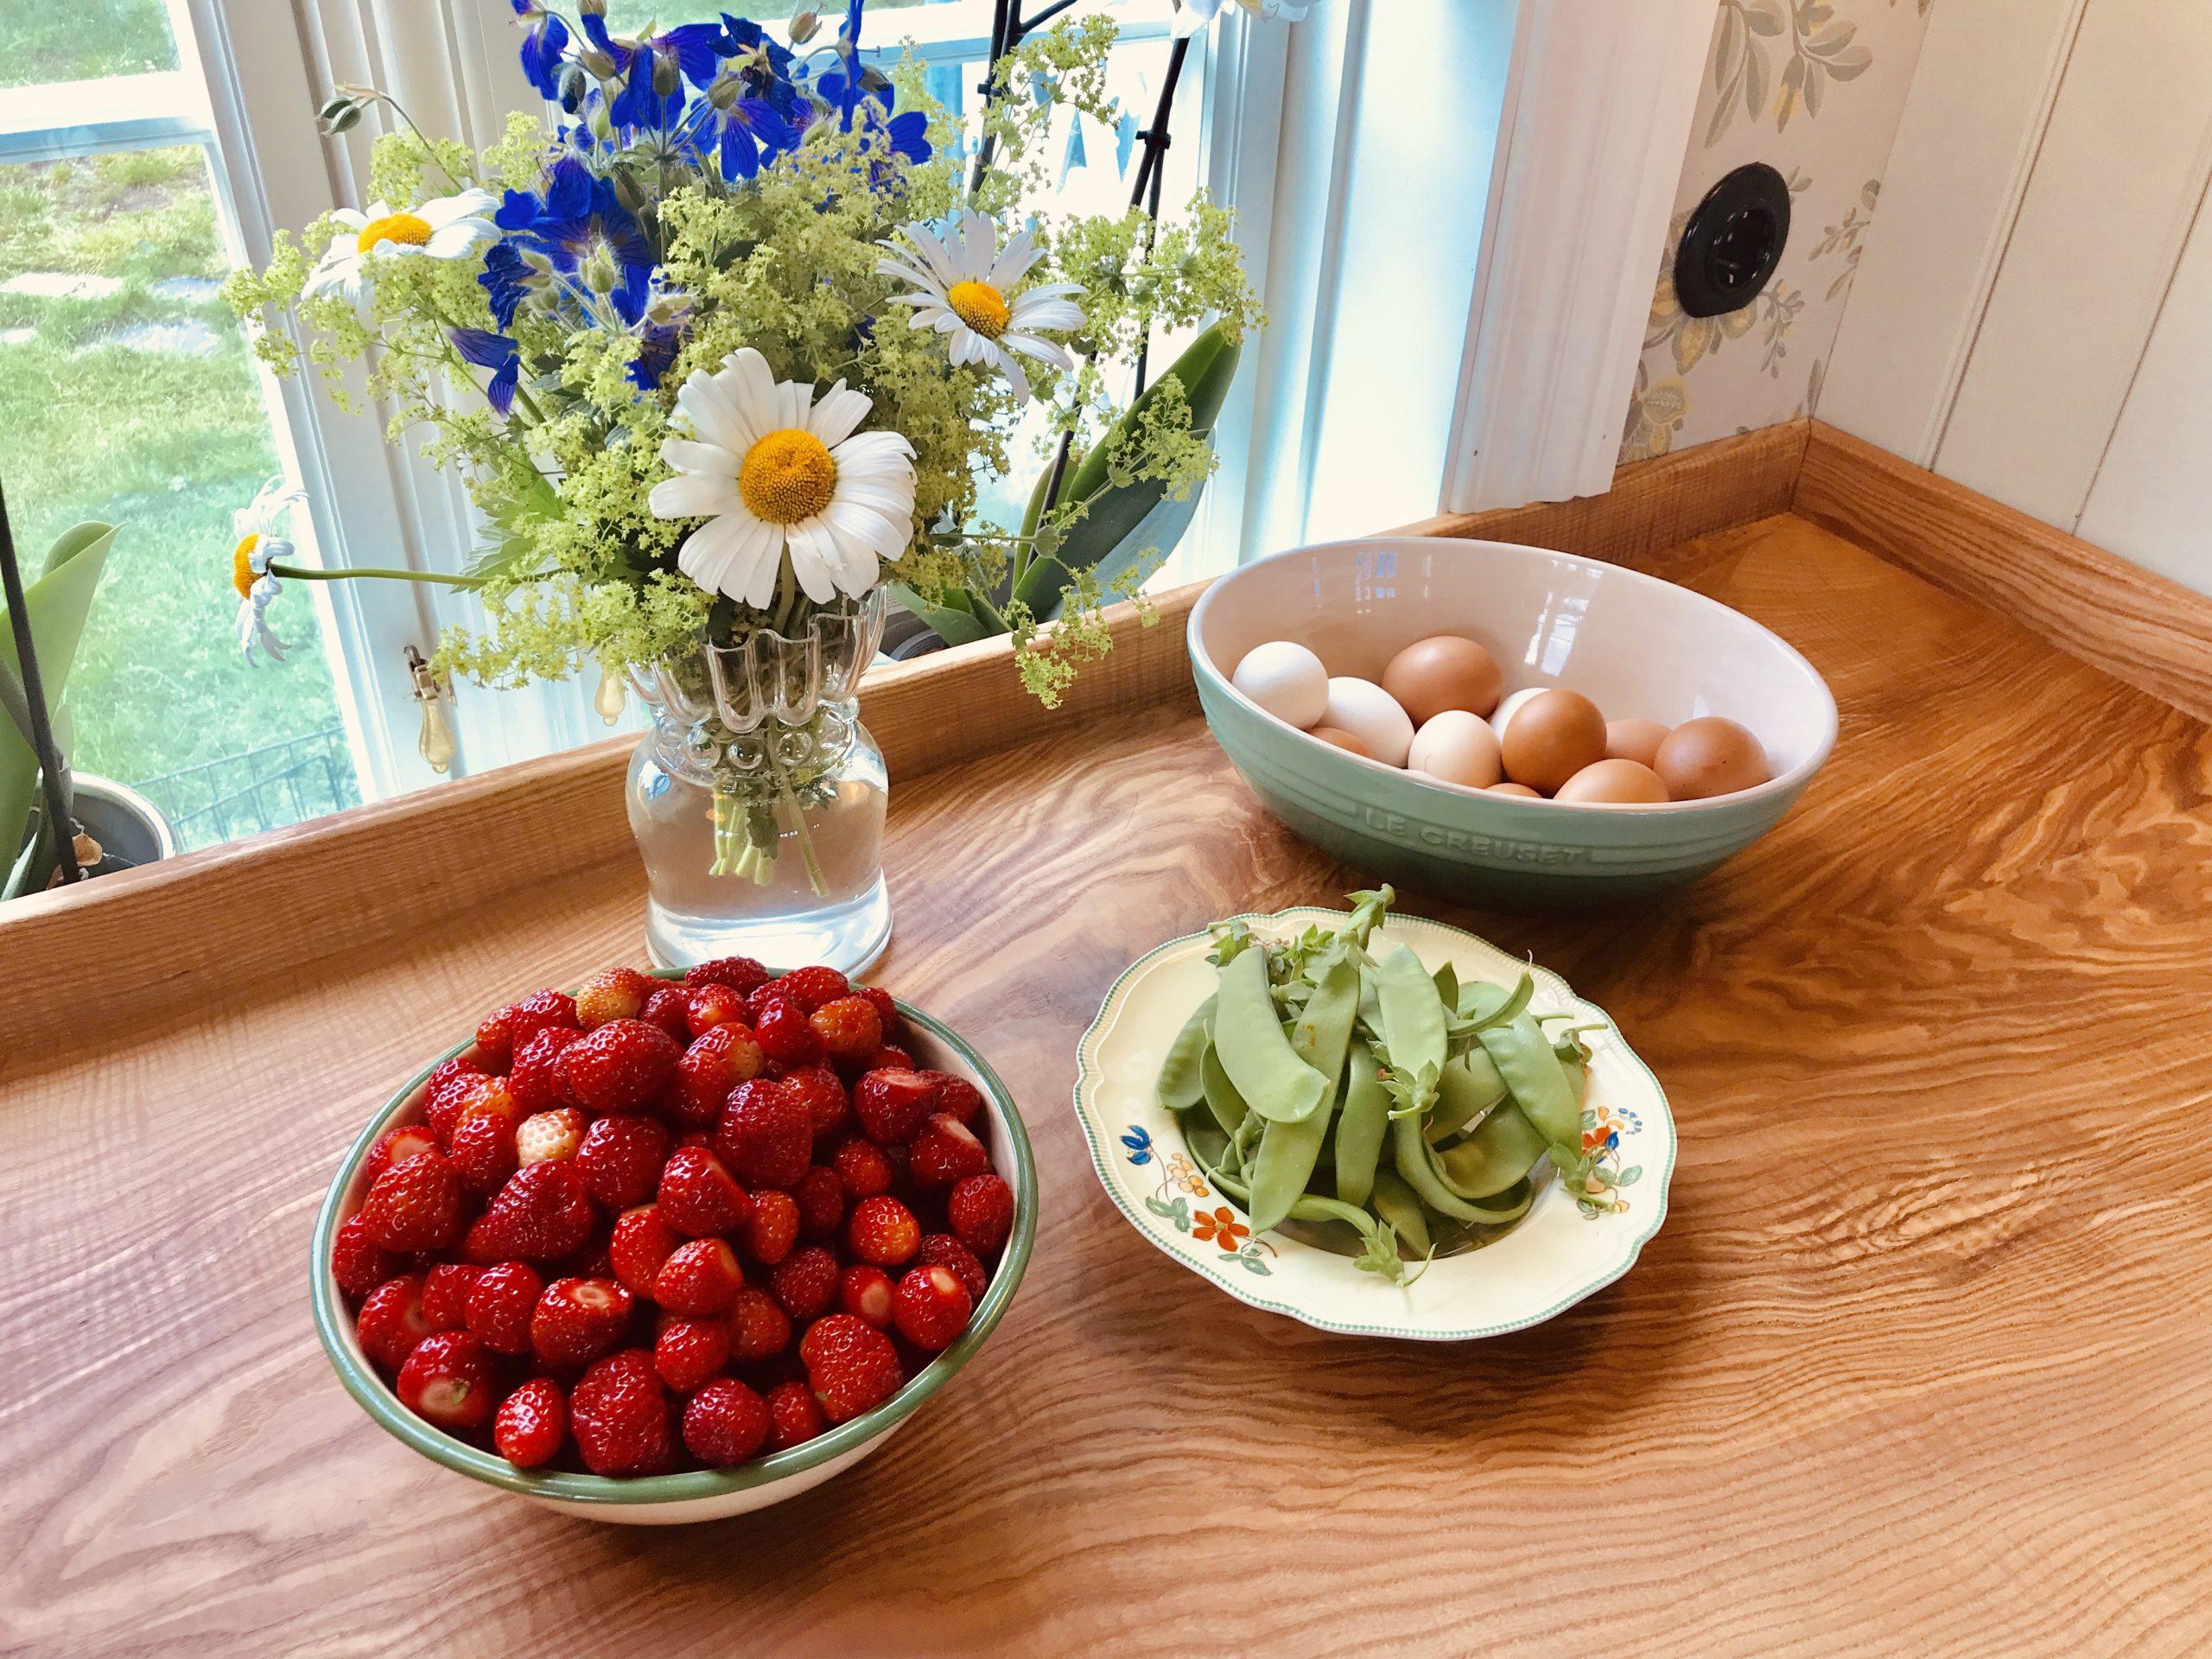 Nydelig jordbærsyltetøy på et blunk